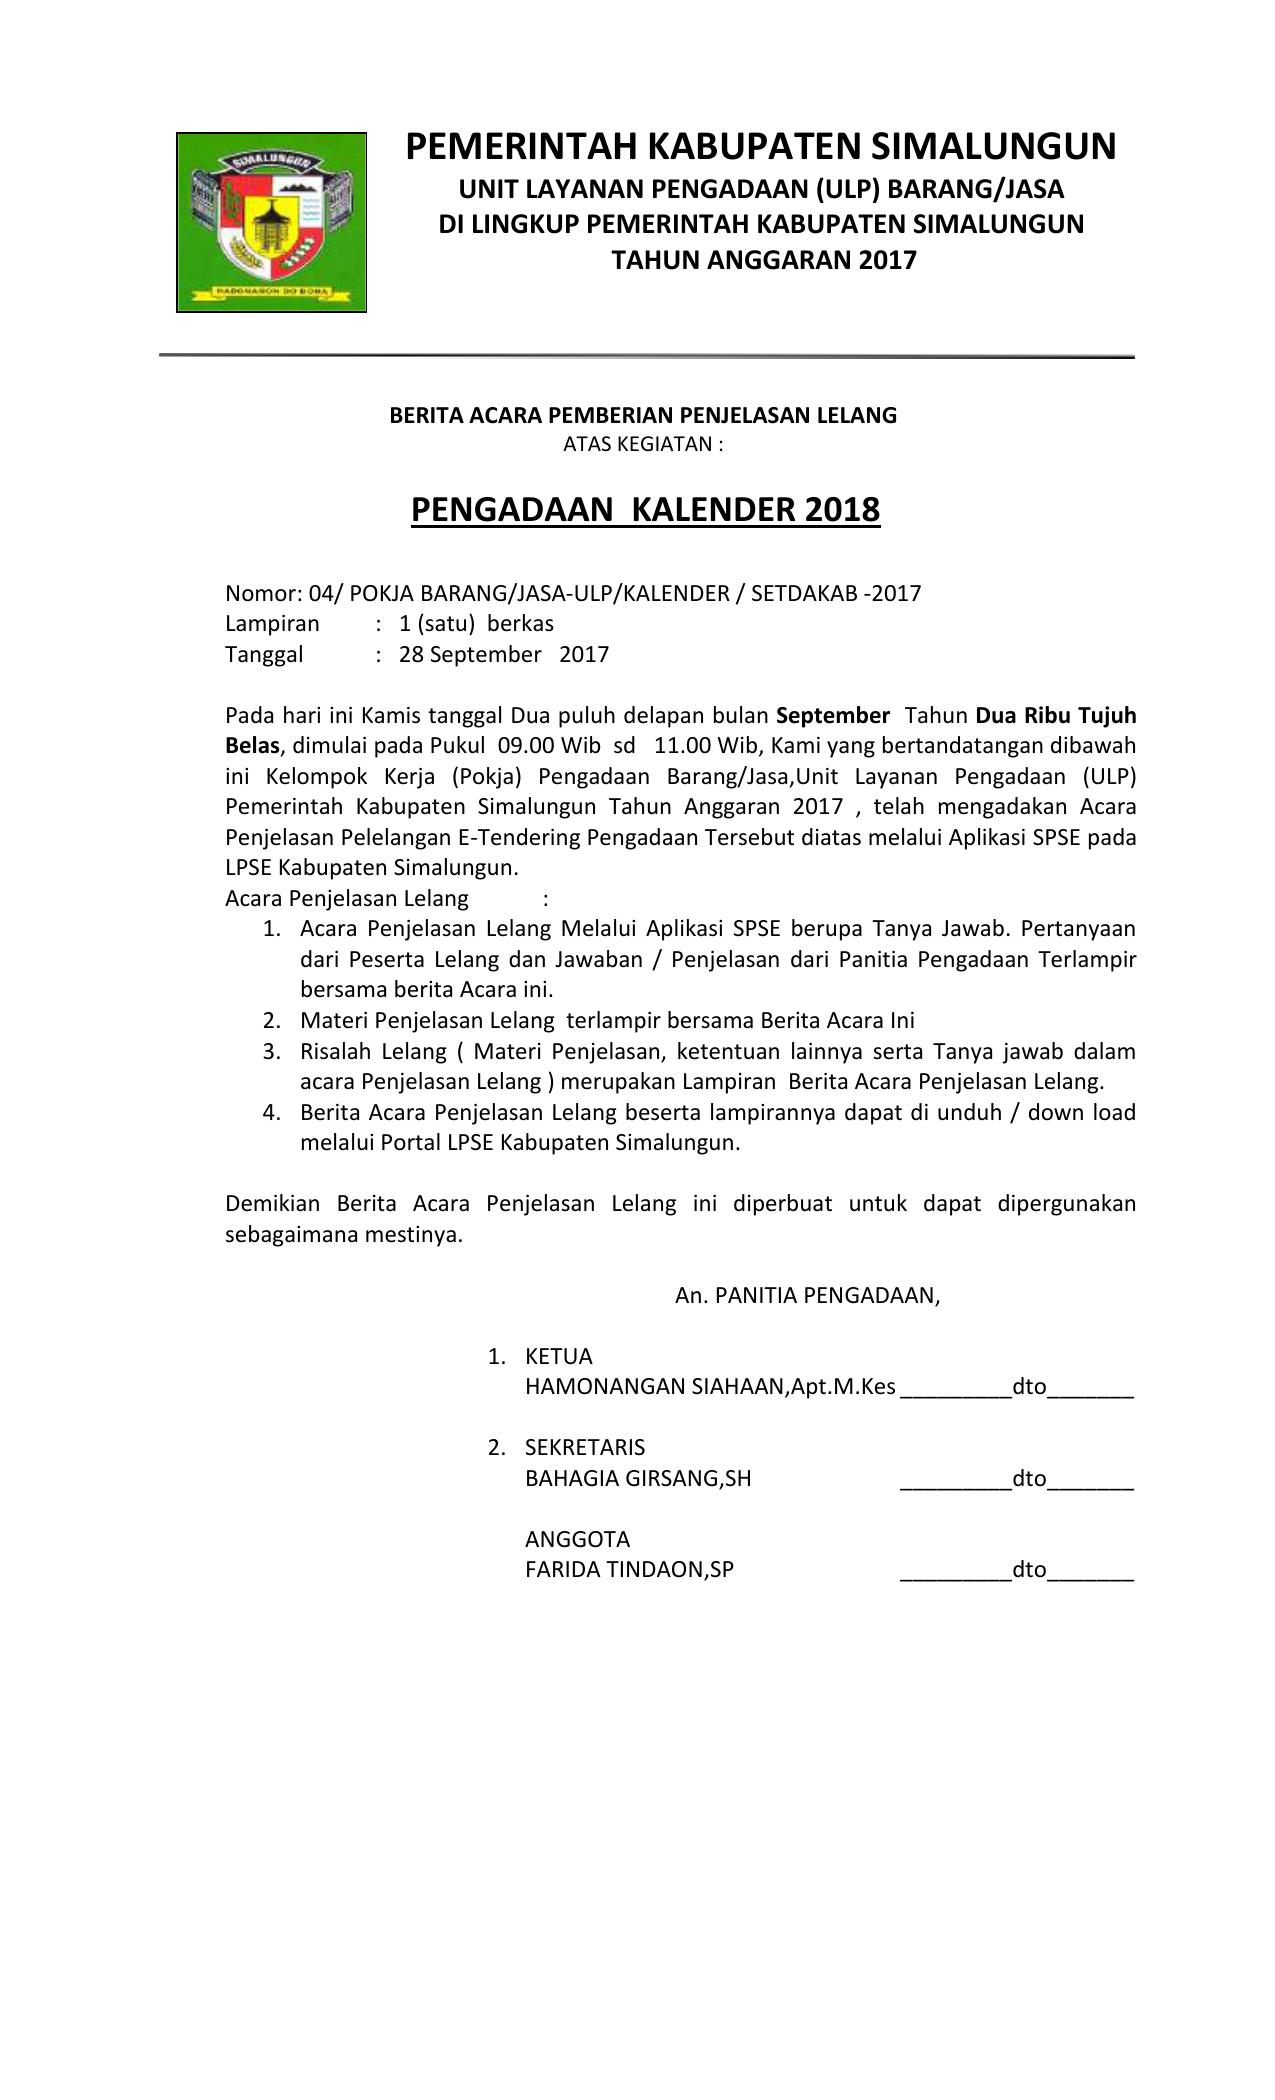 Pemerintah Kabupaten Simalungun